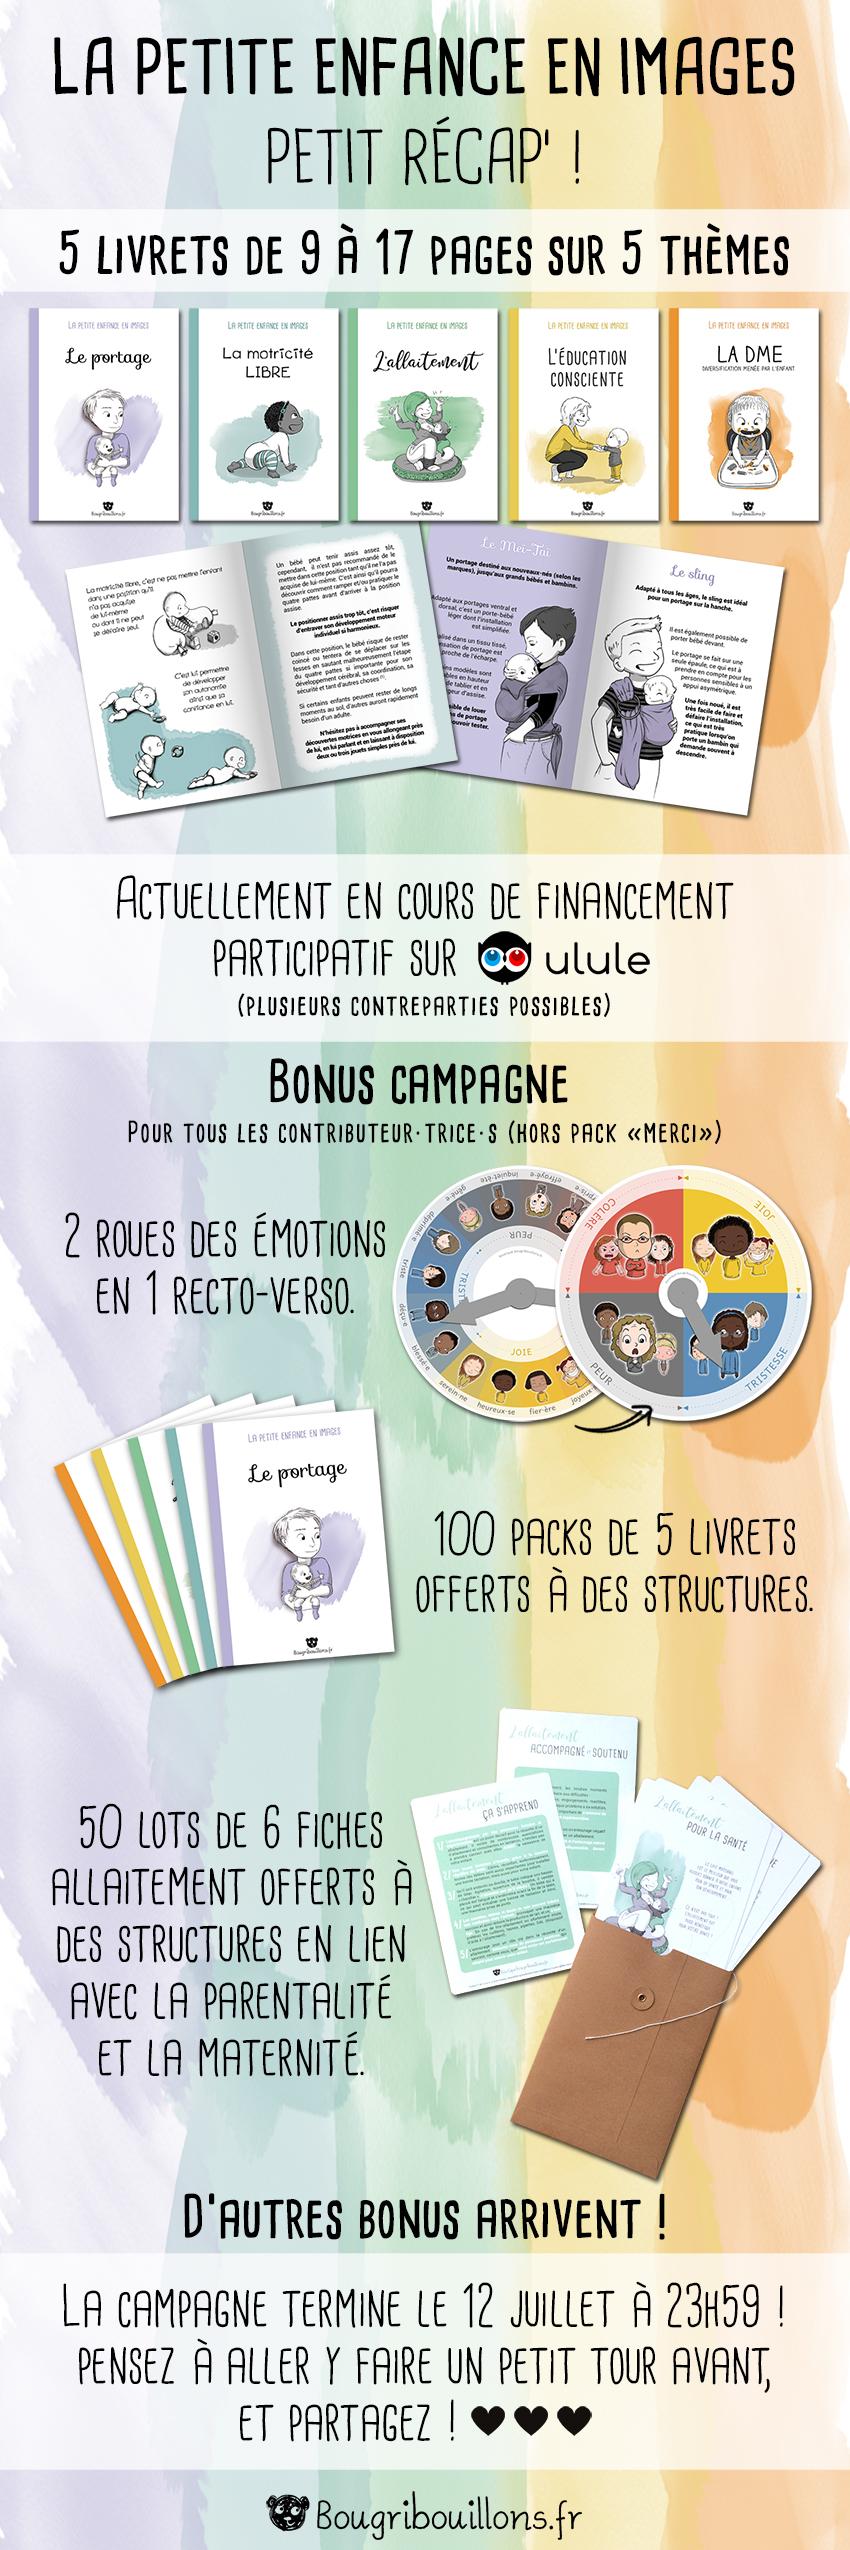 Livrets bougribouillons - Financement participatif - Ulule